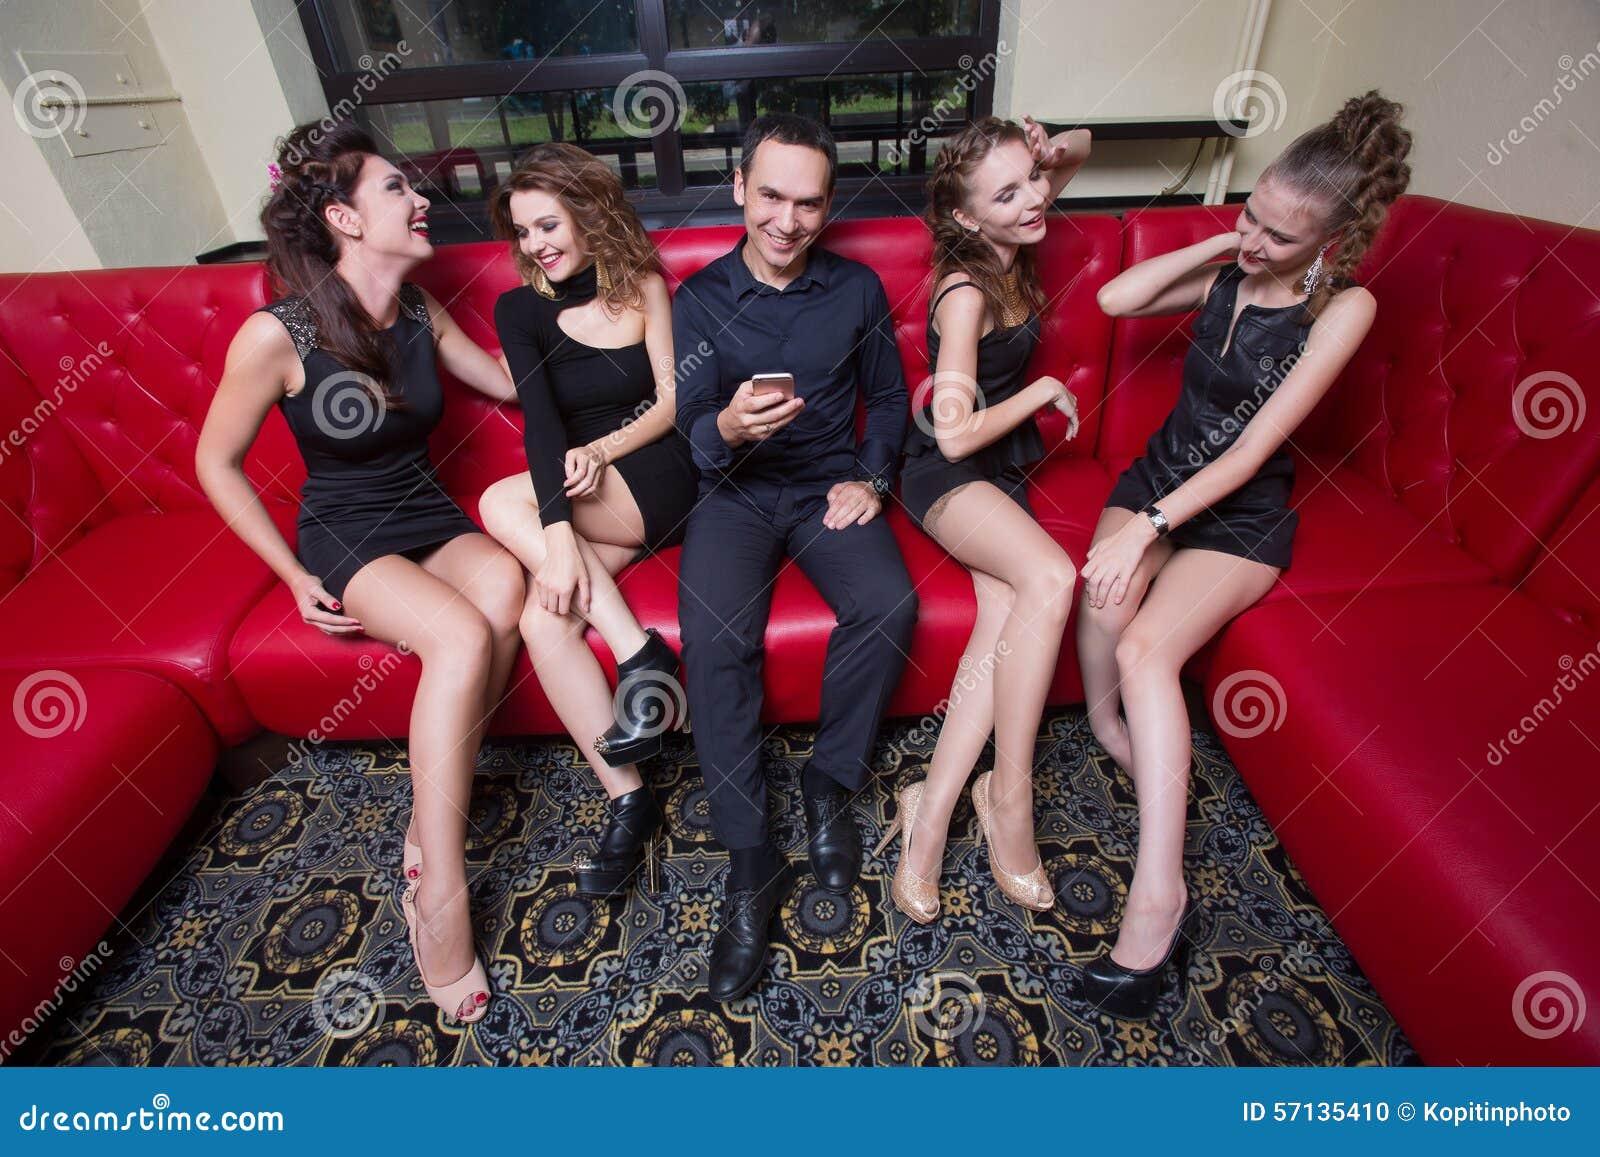 LOUISA: Women wanting fun